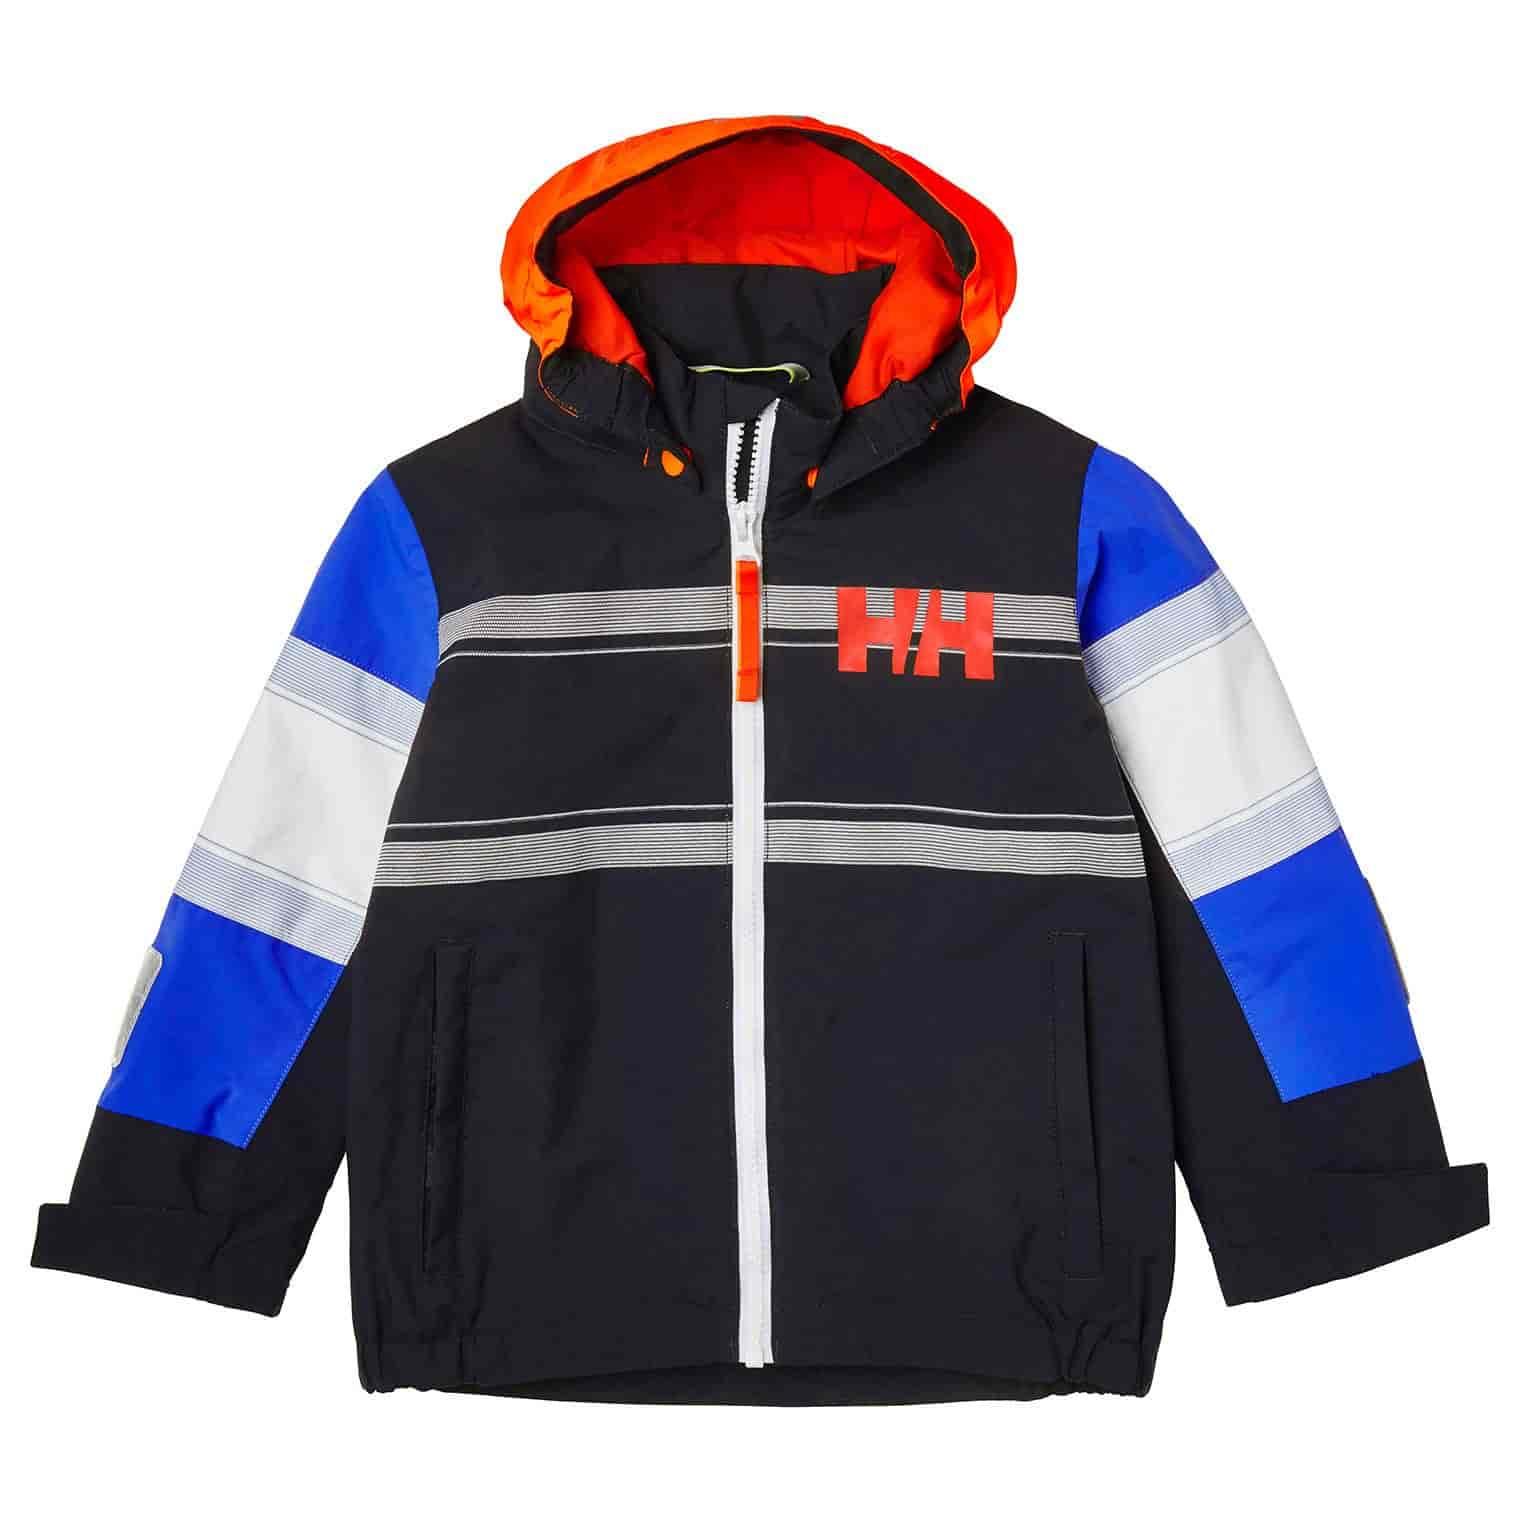 Best Helly Hansen Jacket for children